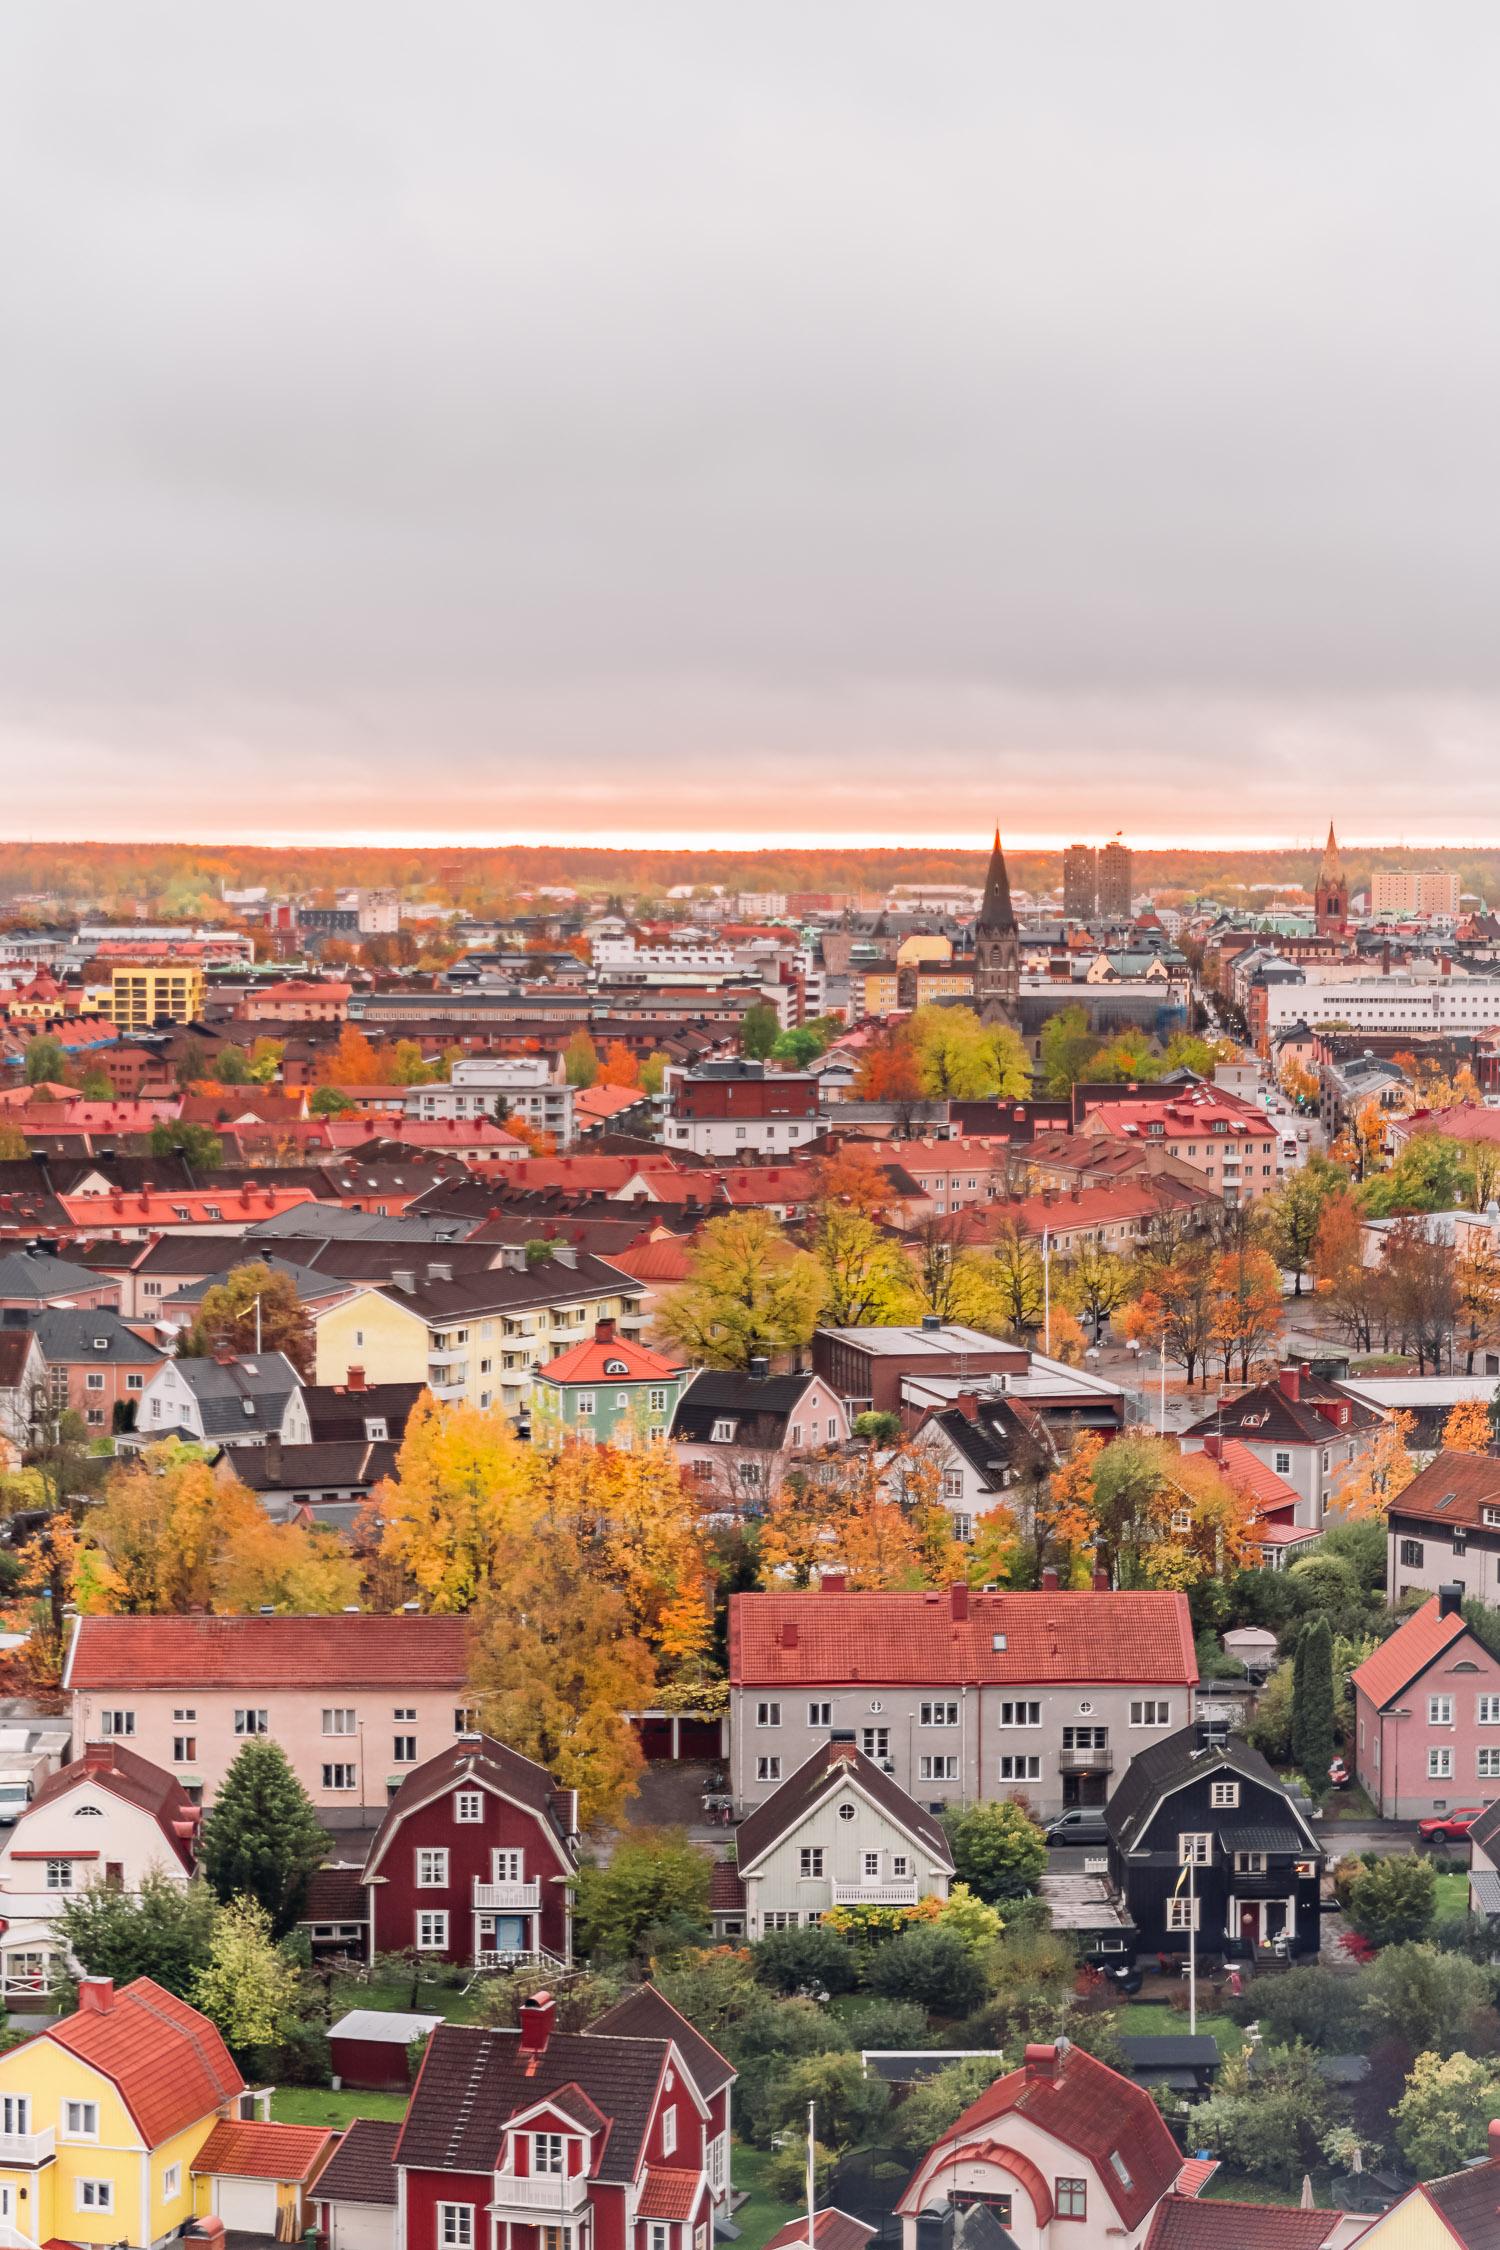 Vacker utsikt över Örebro från ikoniska vattentornet Svampen